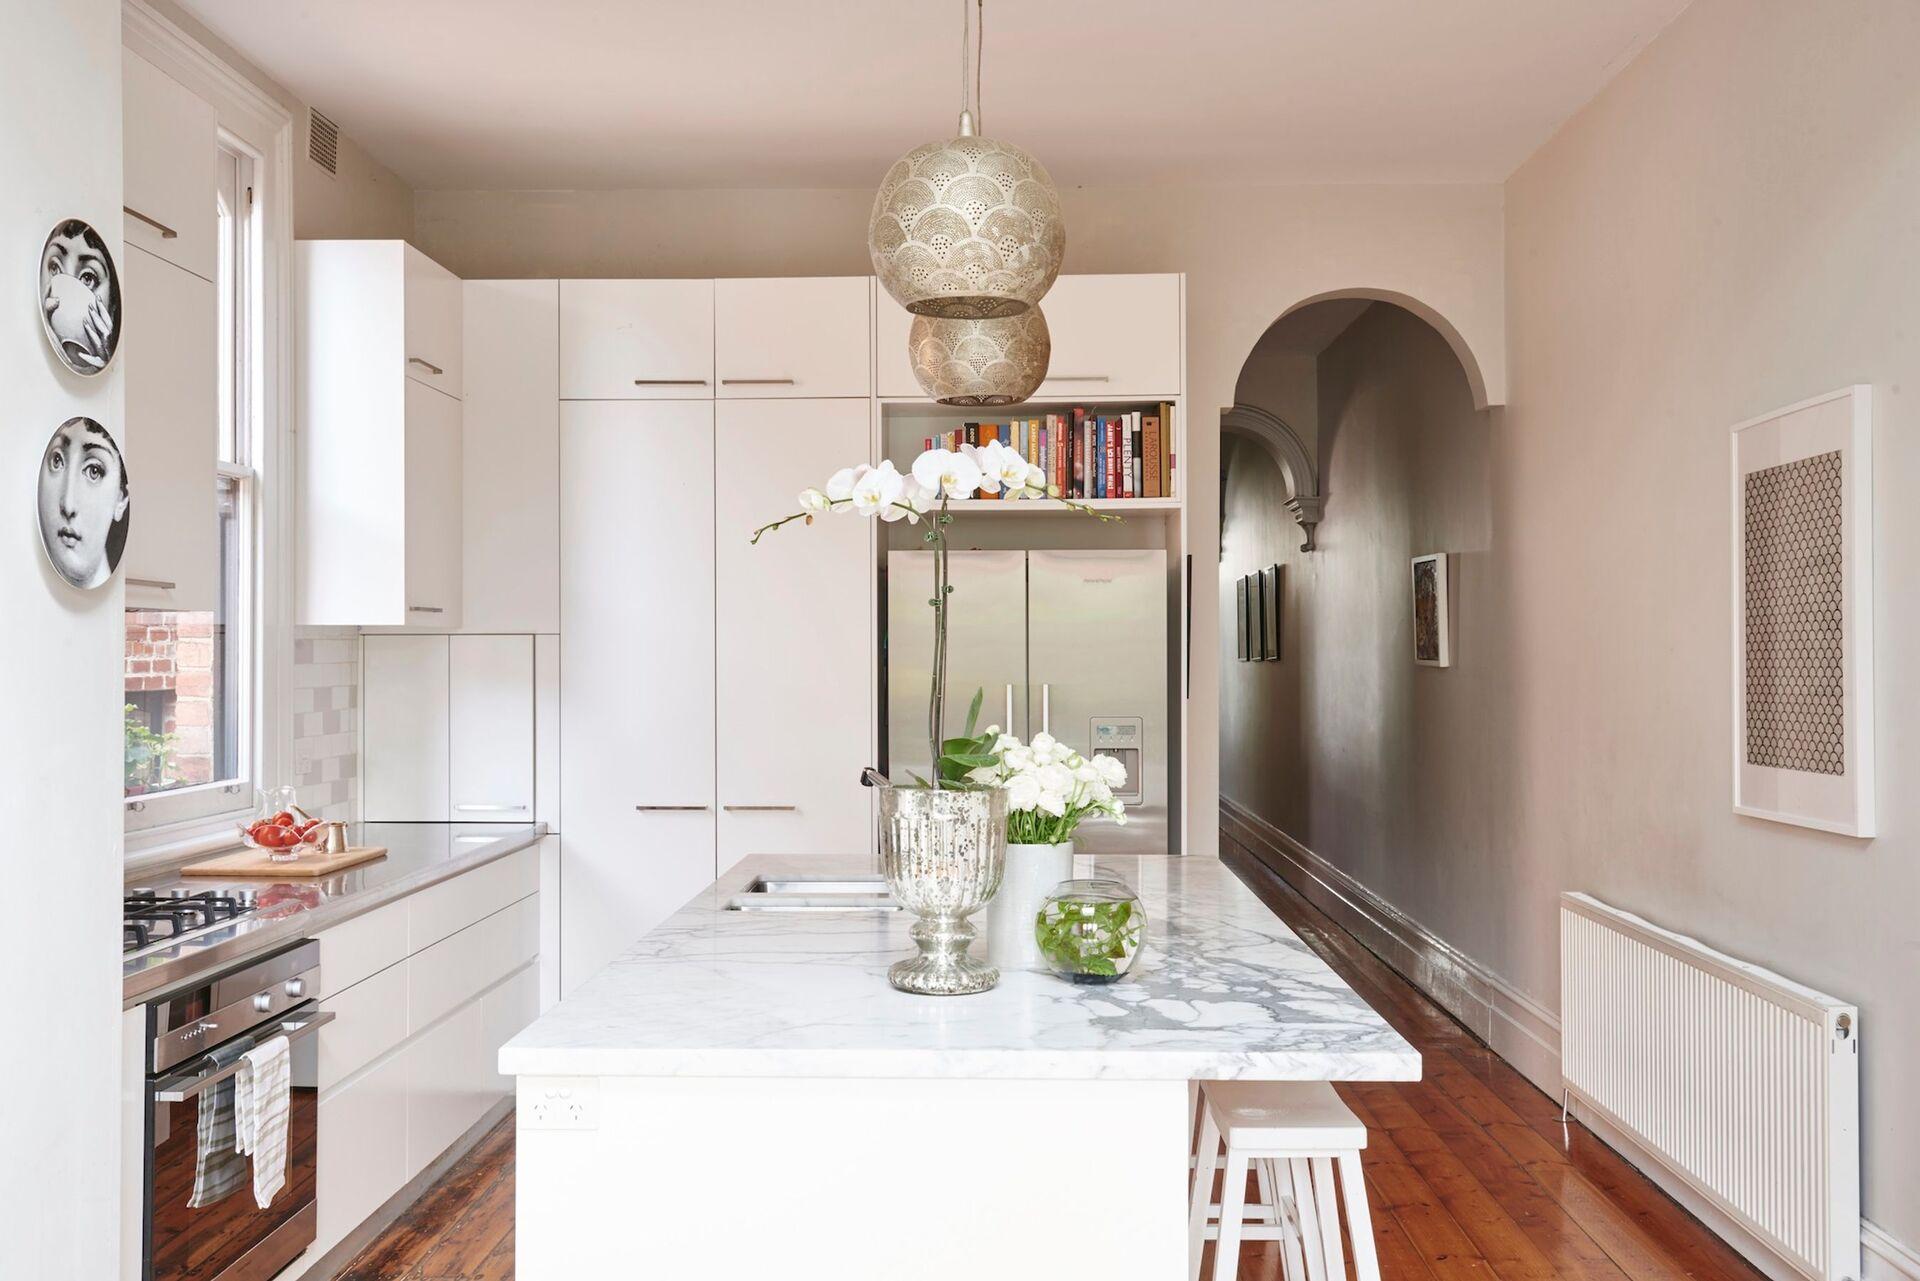 marble style kitchen